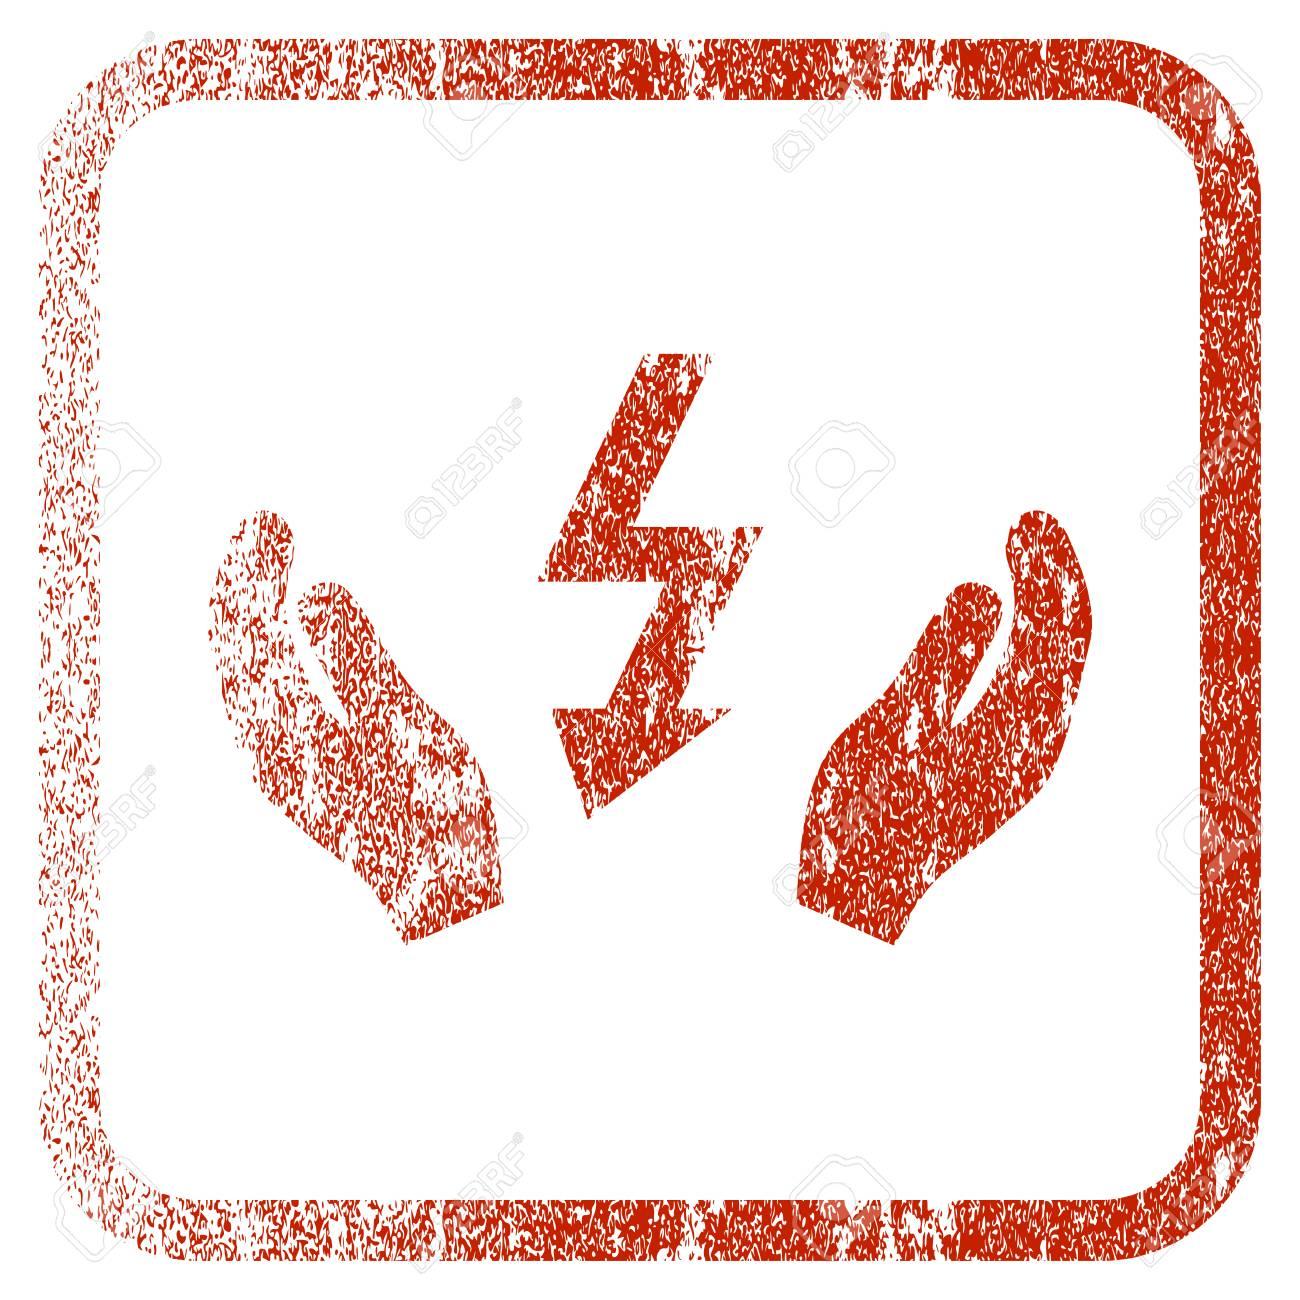 Ziemlich Symbol Der Elektrischen Energie Ideen - Die Besten ...